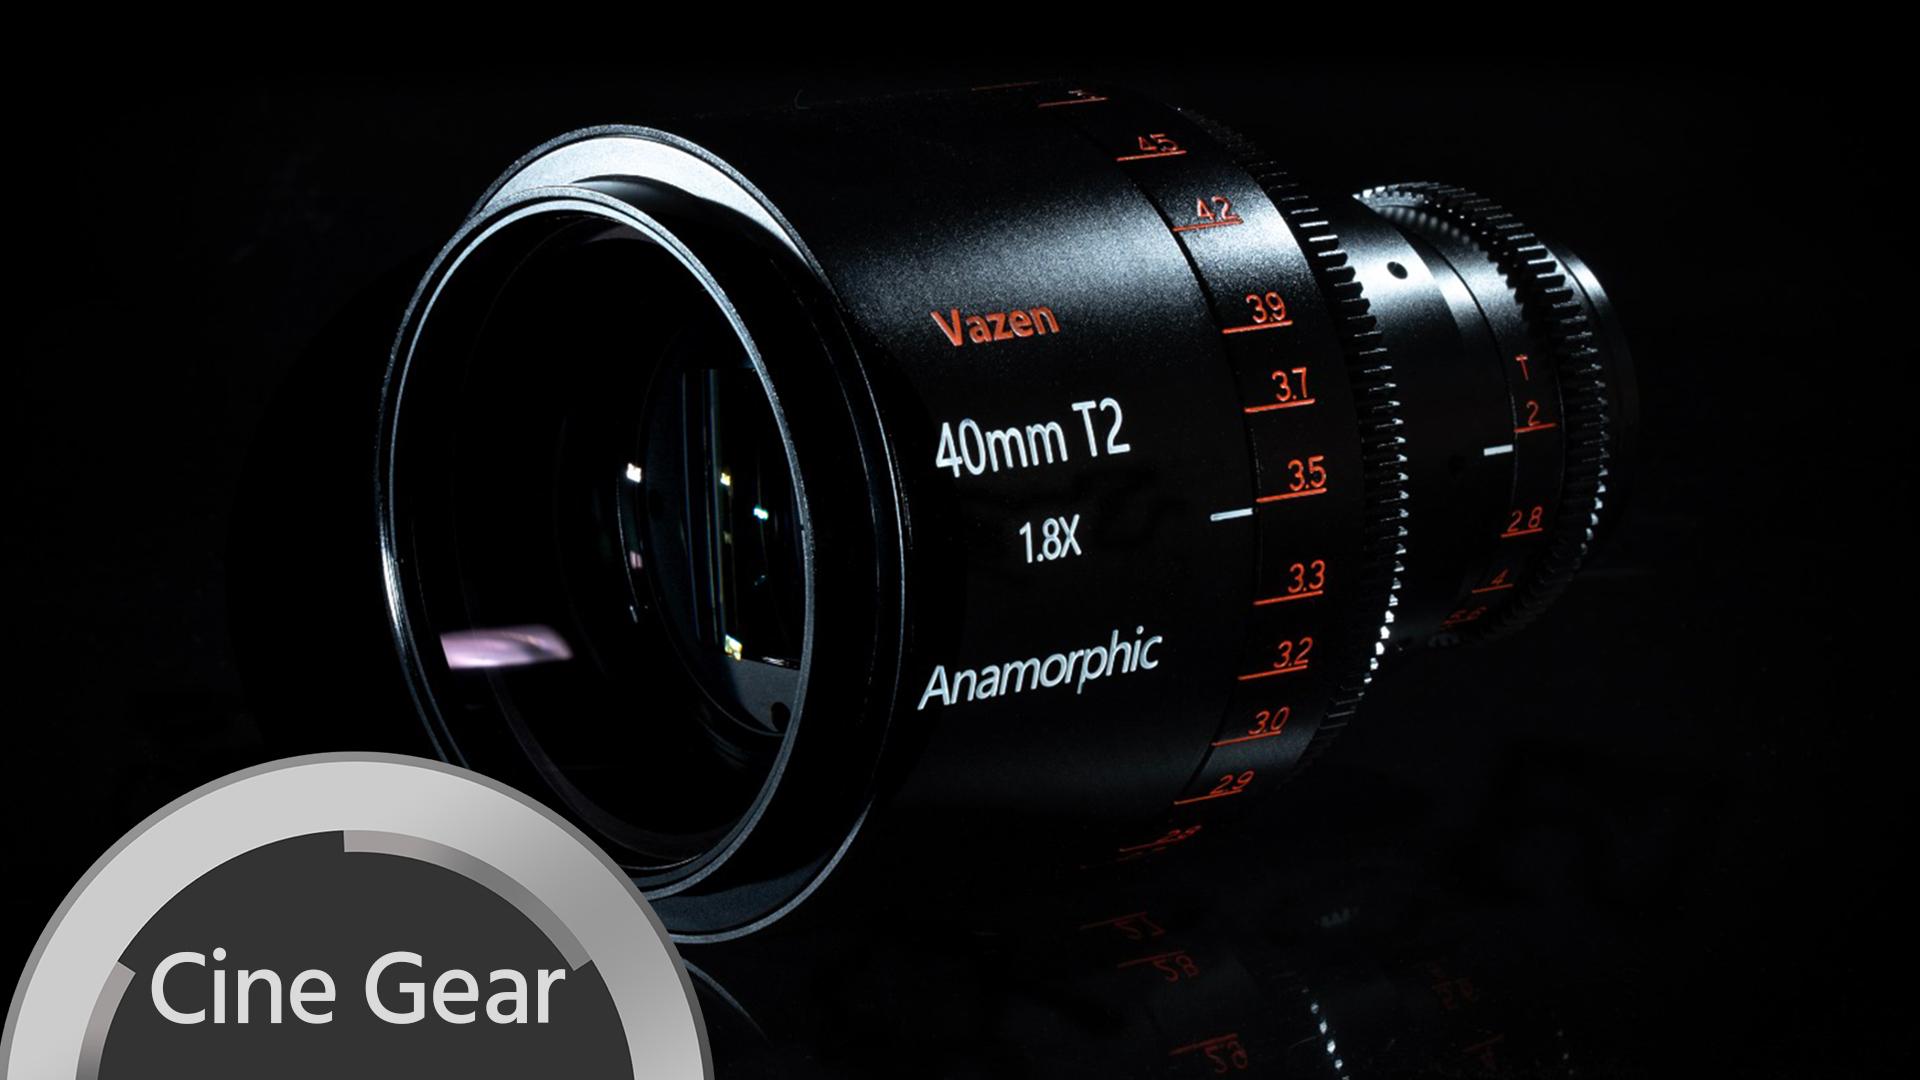 Vazen 1.8x anamórfico - 3 nuevos lentes para Micro Cuatro Tercios